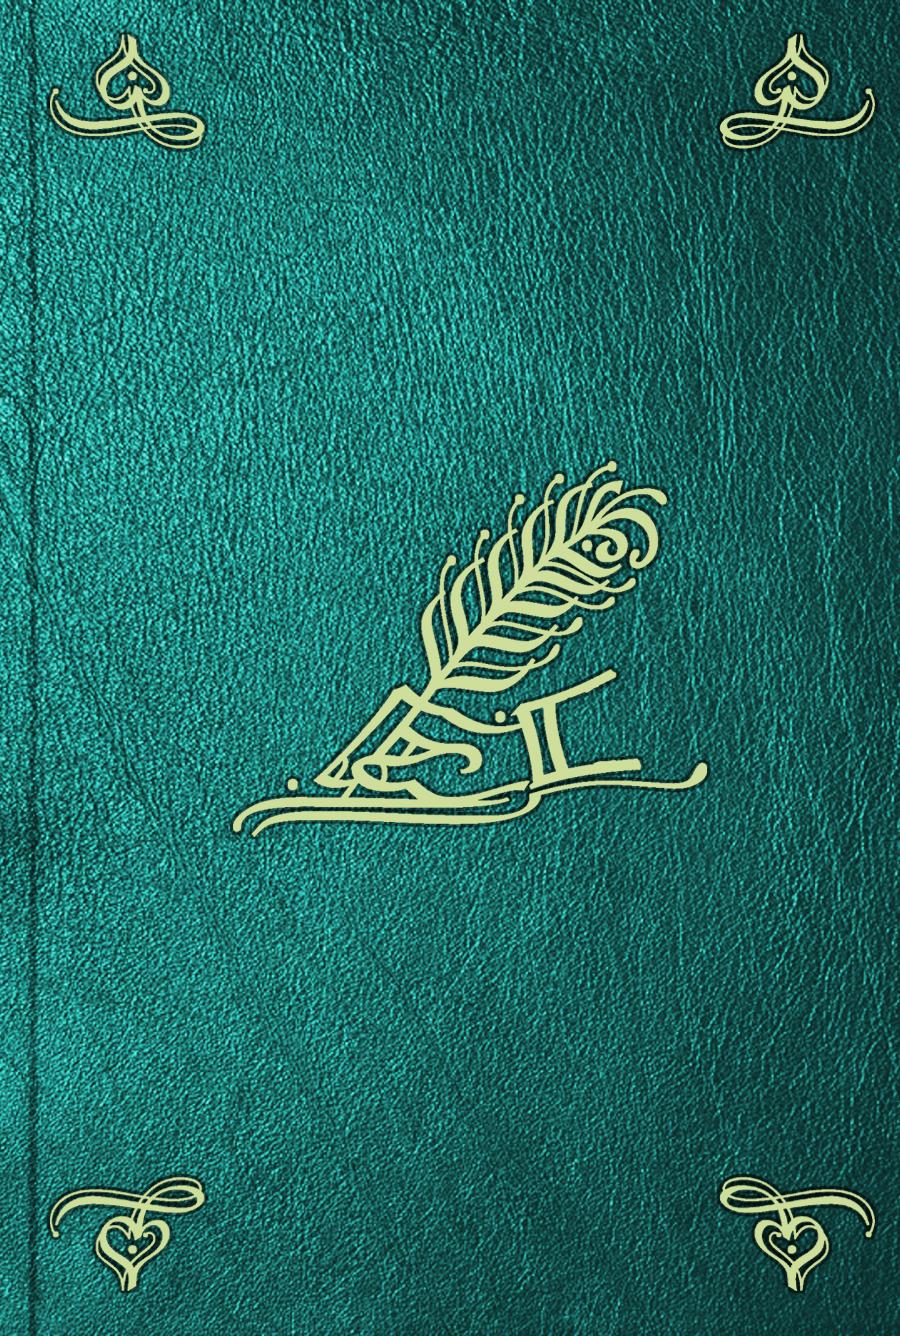 Pierre Loius Ginguené Storia della letteratura italiana. T. 8 pierre loius ginguené storia della letteratura italiana t 1